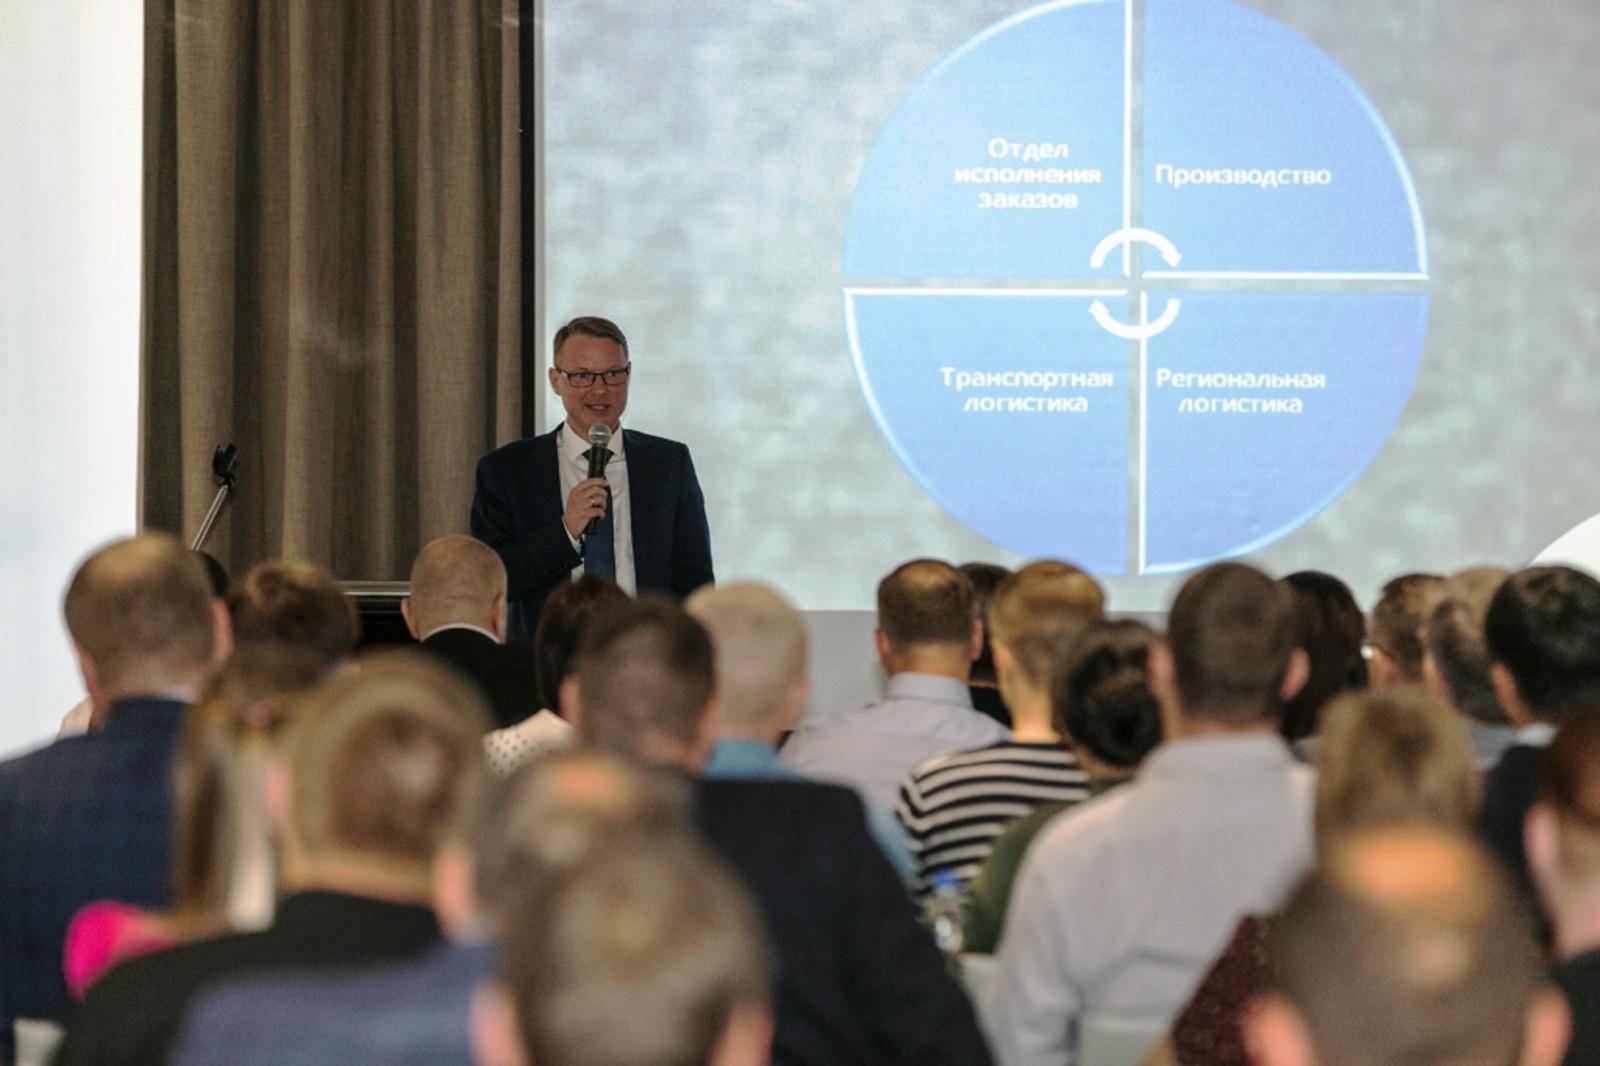 Компания «Металл Профиль», один из ведущих разработчиков и производителей широкой гаммы тонколистовых кровельных и стеновых материалов, провела очередной съезд своих партнёров в России и странах СНГ.